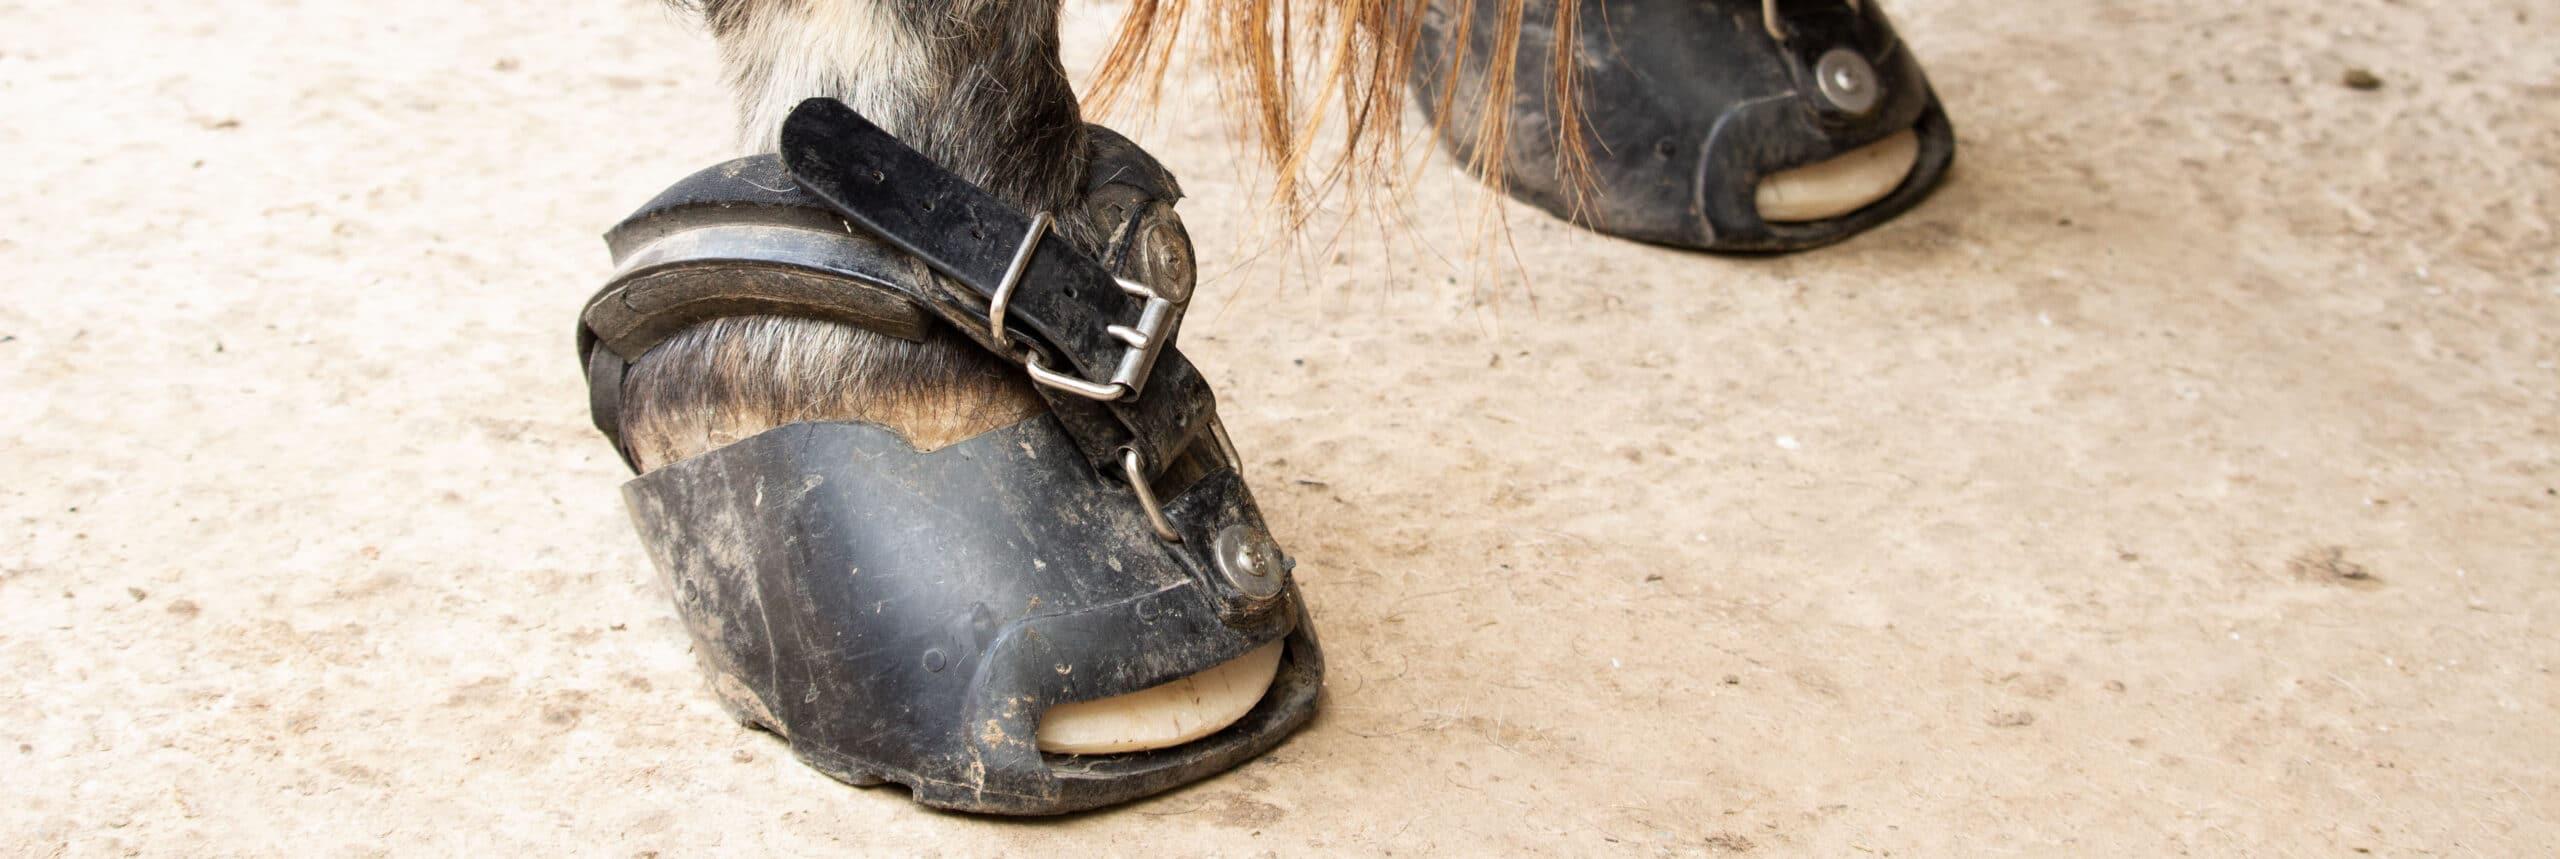 Natural Hoofcare Barhuf Hufschuhe Pferd